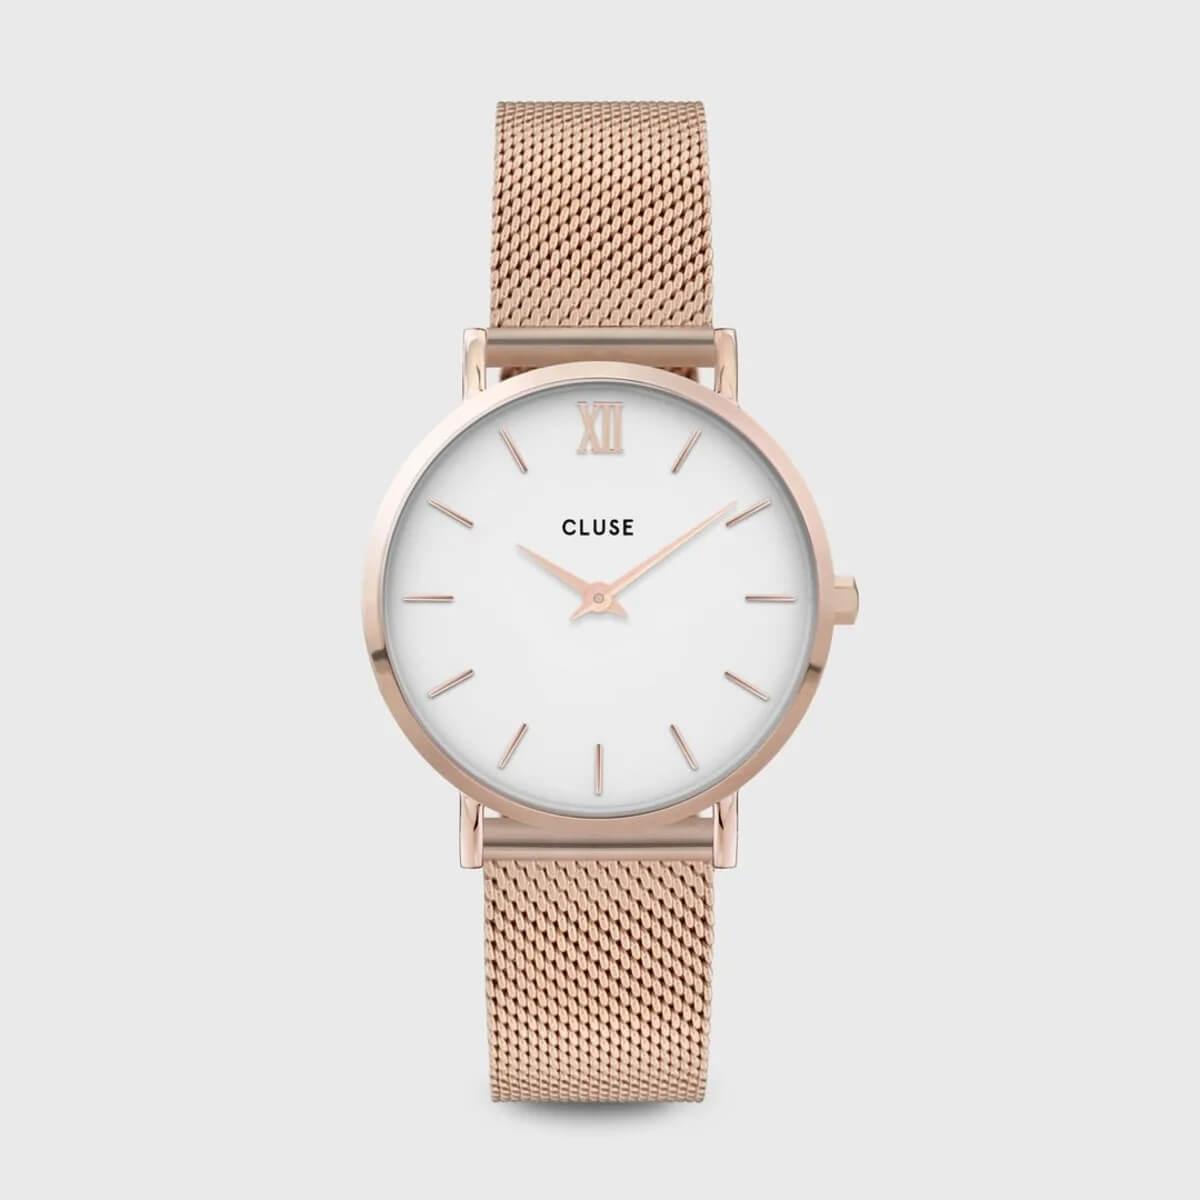 Montre Minuit mesh white rose gold en acier - Cluse